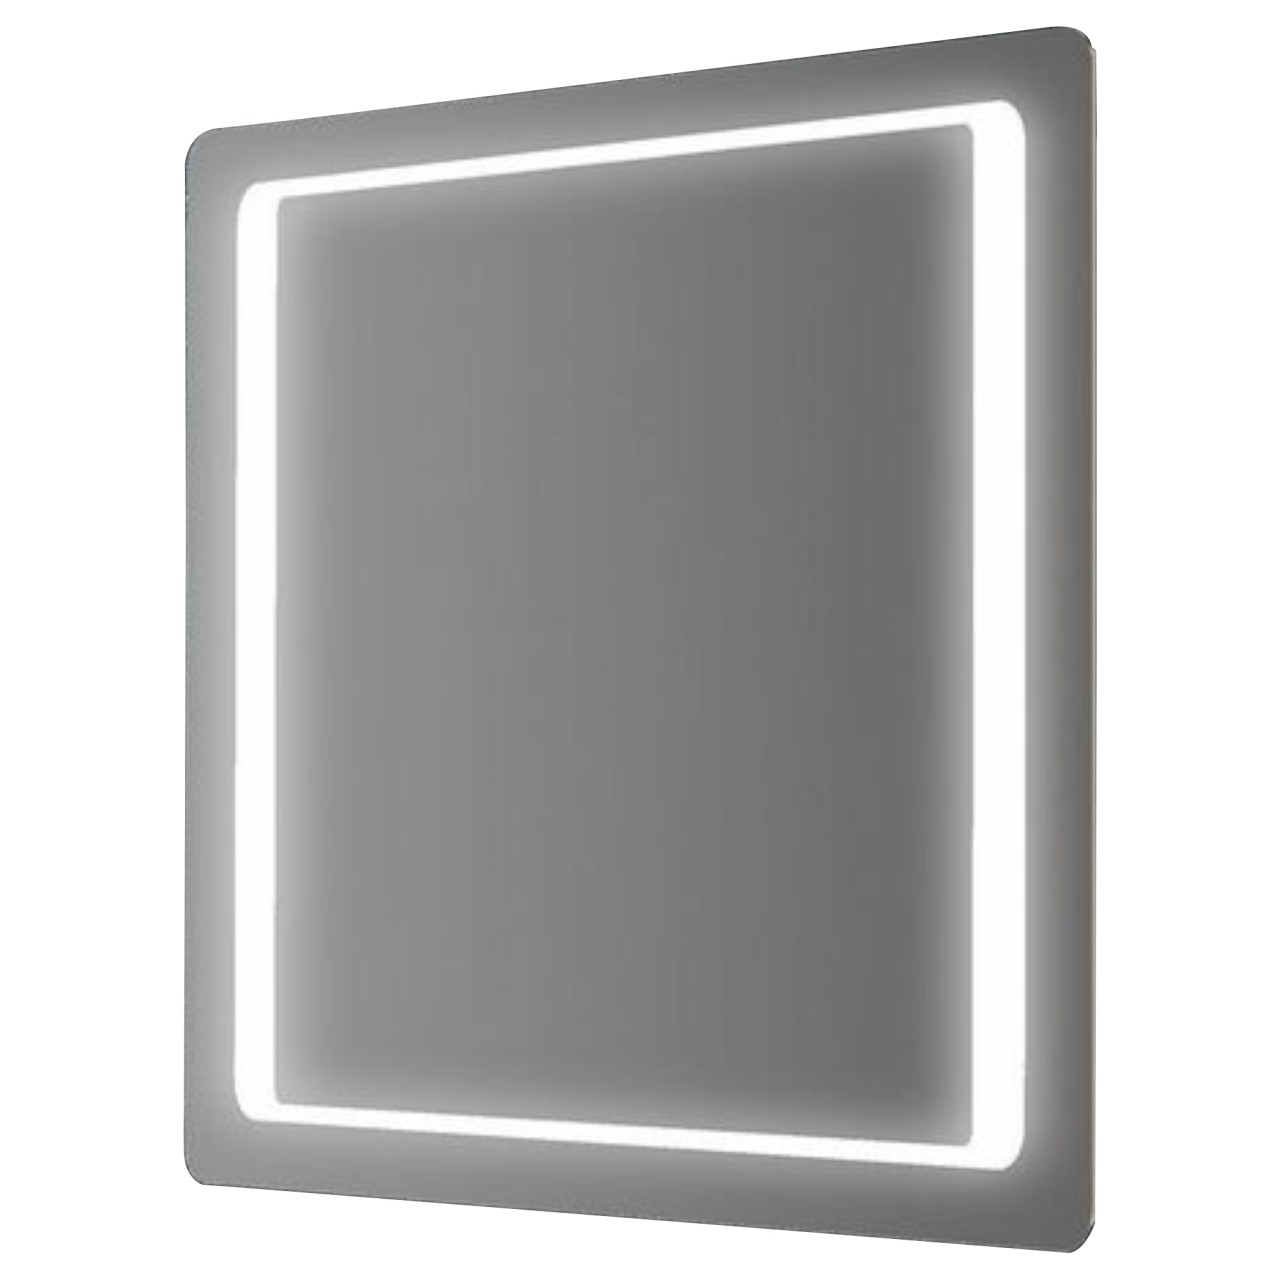 SPECCHIO 100X70 CM CON ANGOLI ARROTONDATI E CORNICE LED